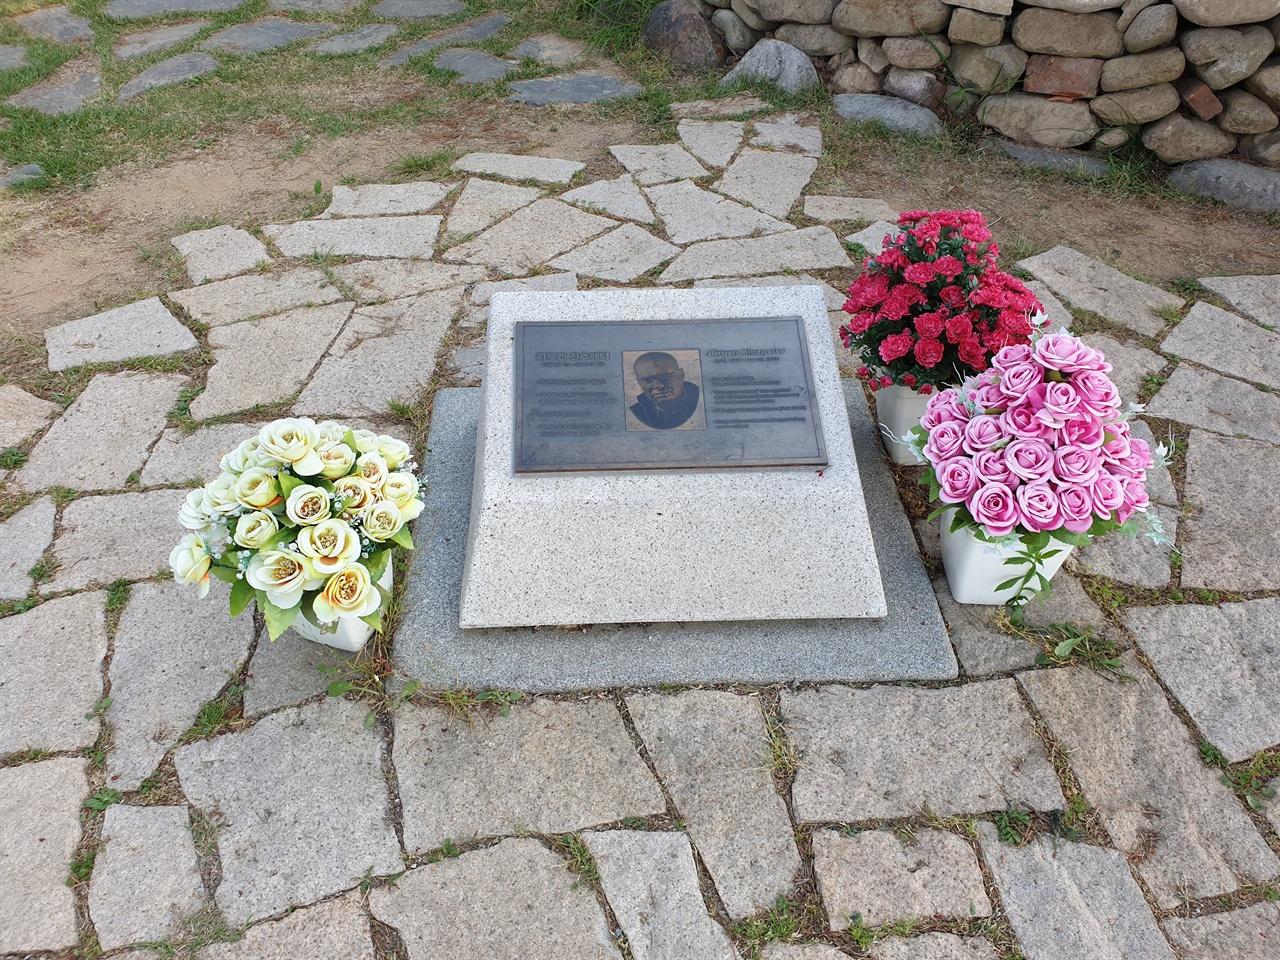 망월동 5.18 구 묘역에 잠들어 있는, 80년 5월의 진실을 국내외에 알렸던 '푸른 눈의 목격자' 위르겐 힌츠페터의 묘